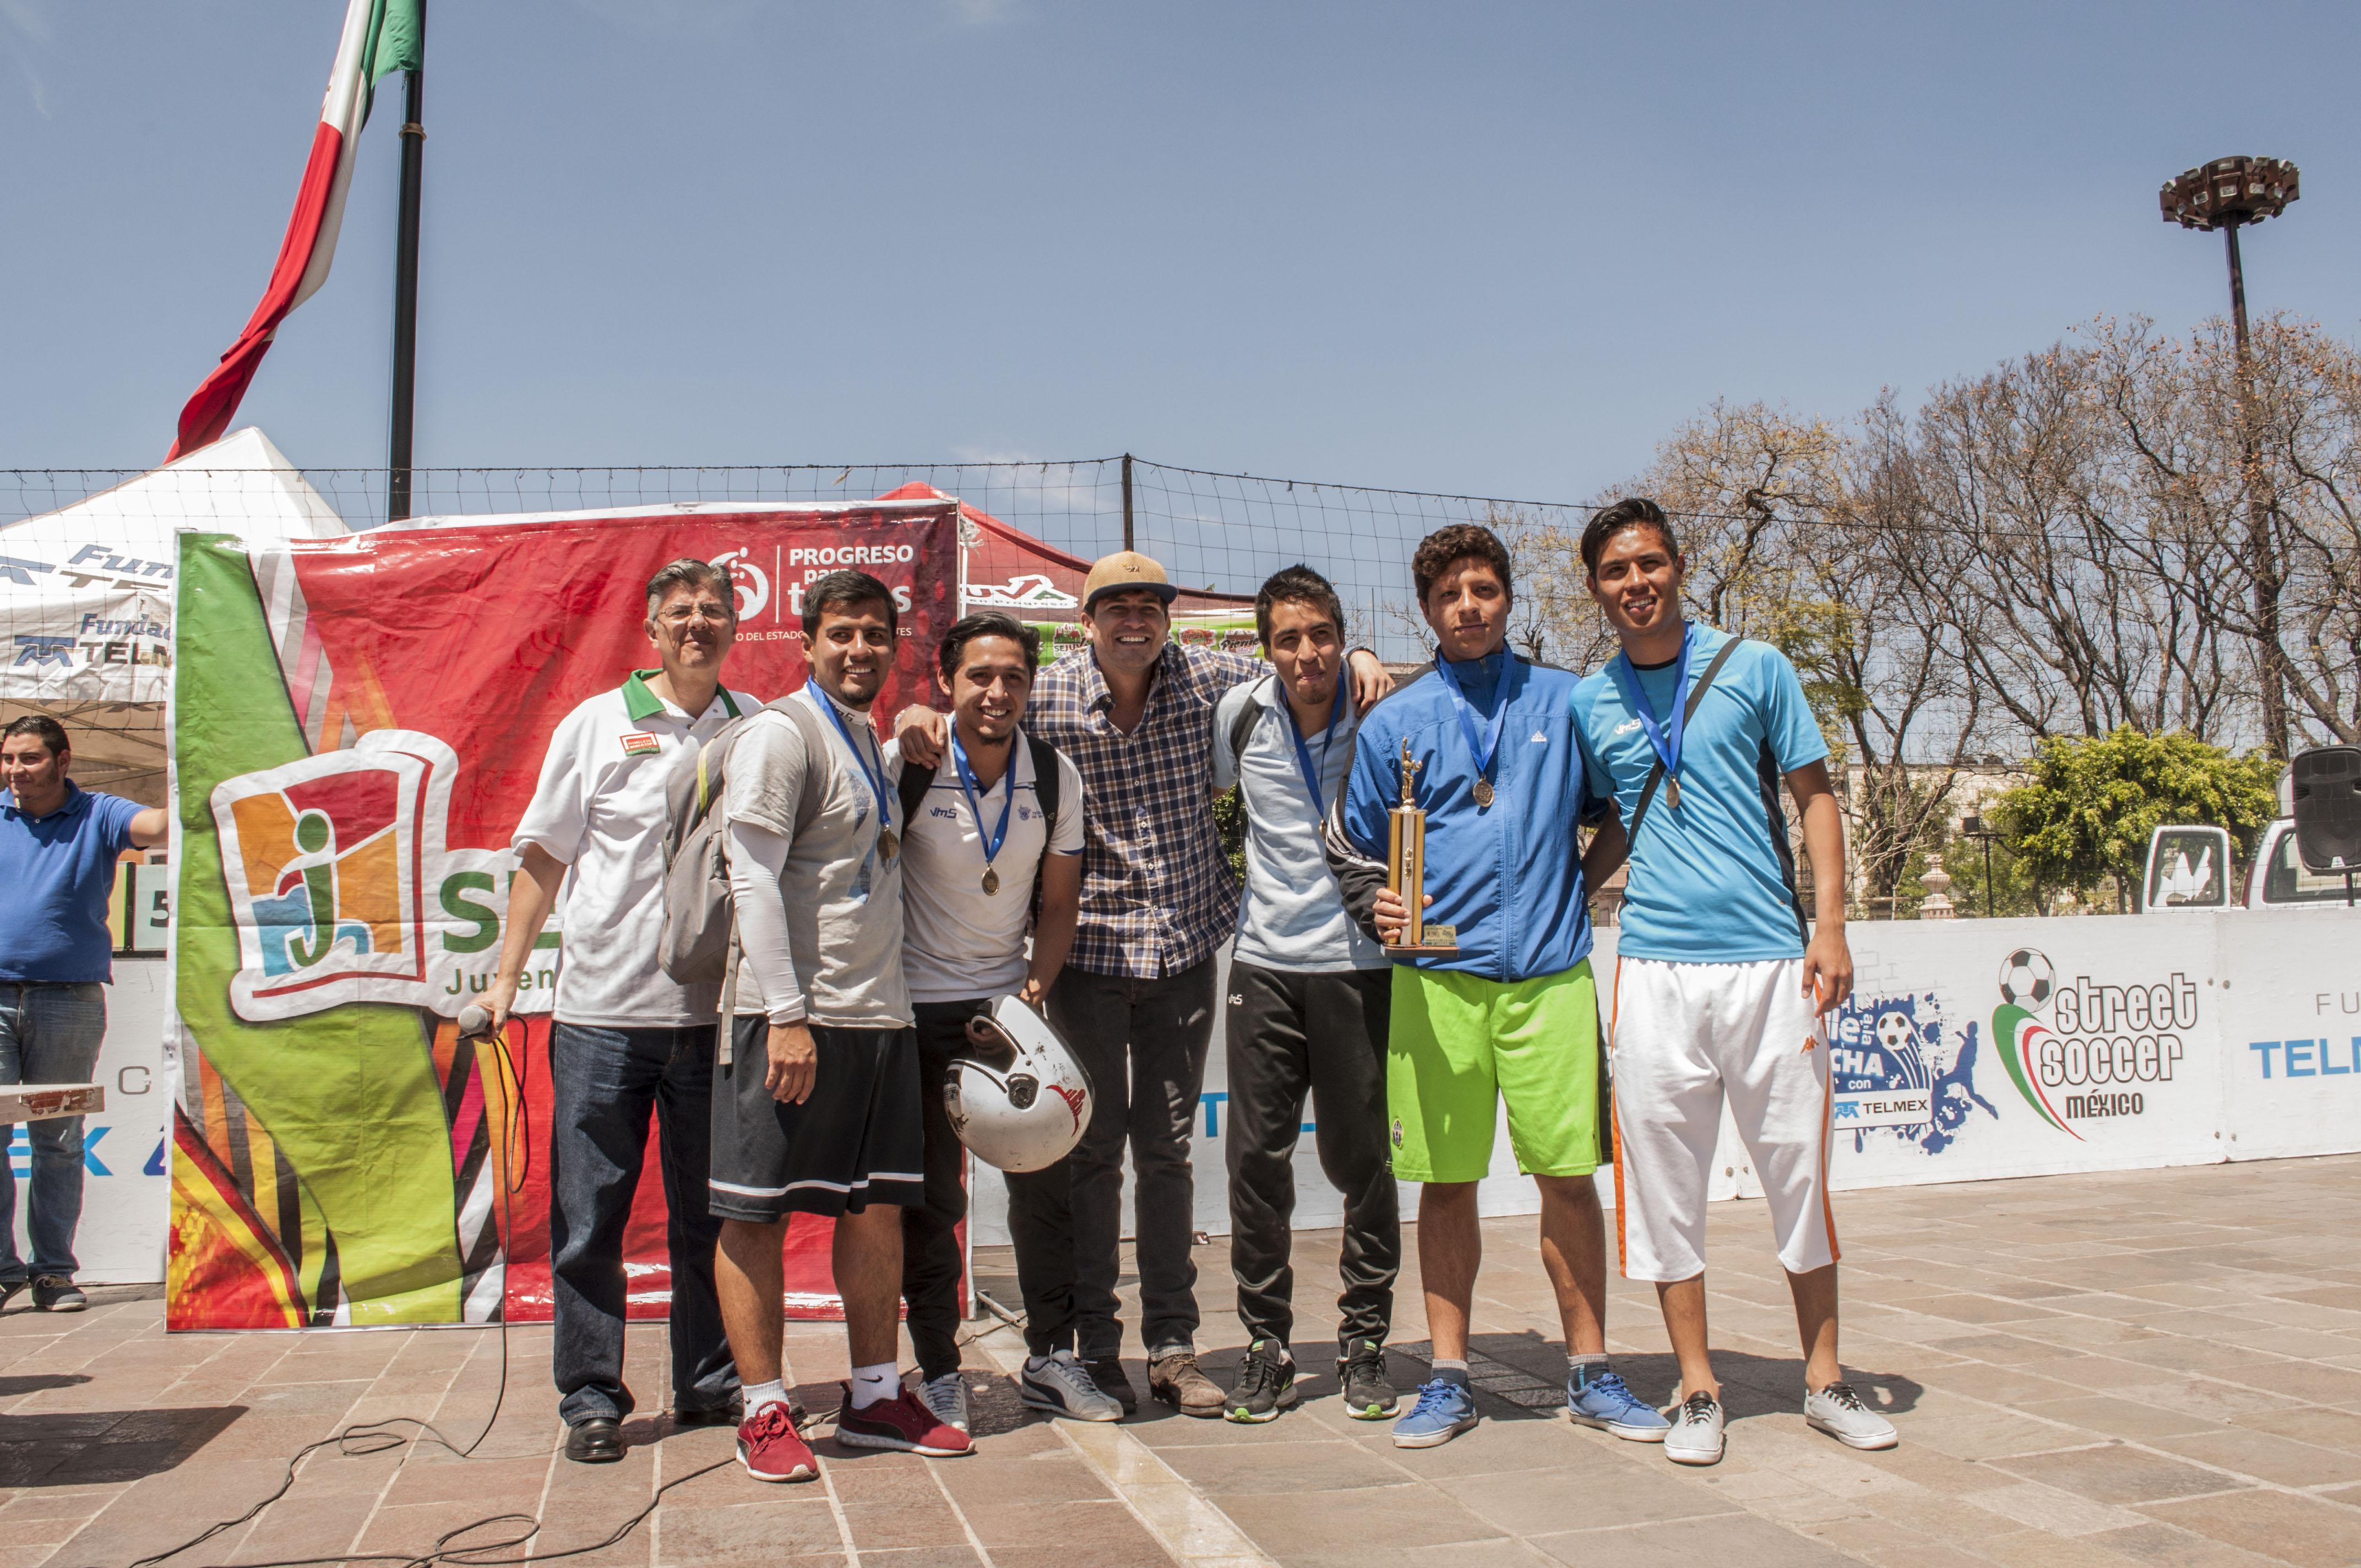 Concluye torneo de Street Soccer en la Plaza Principal